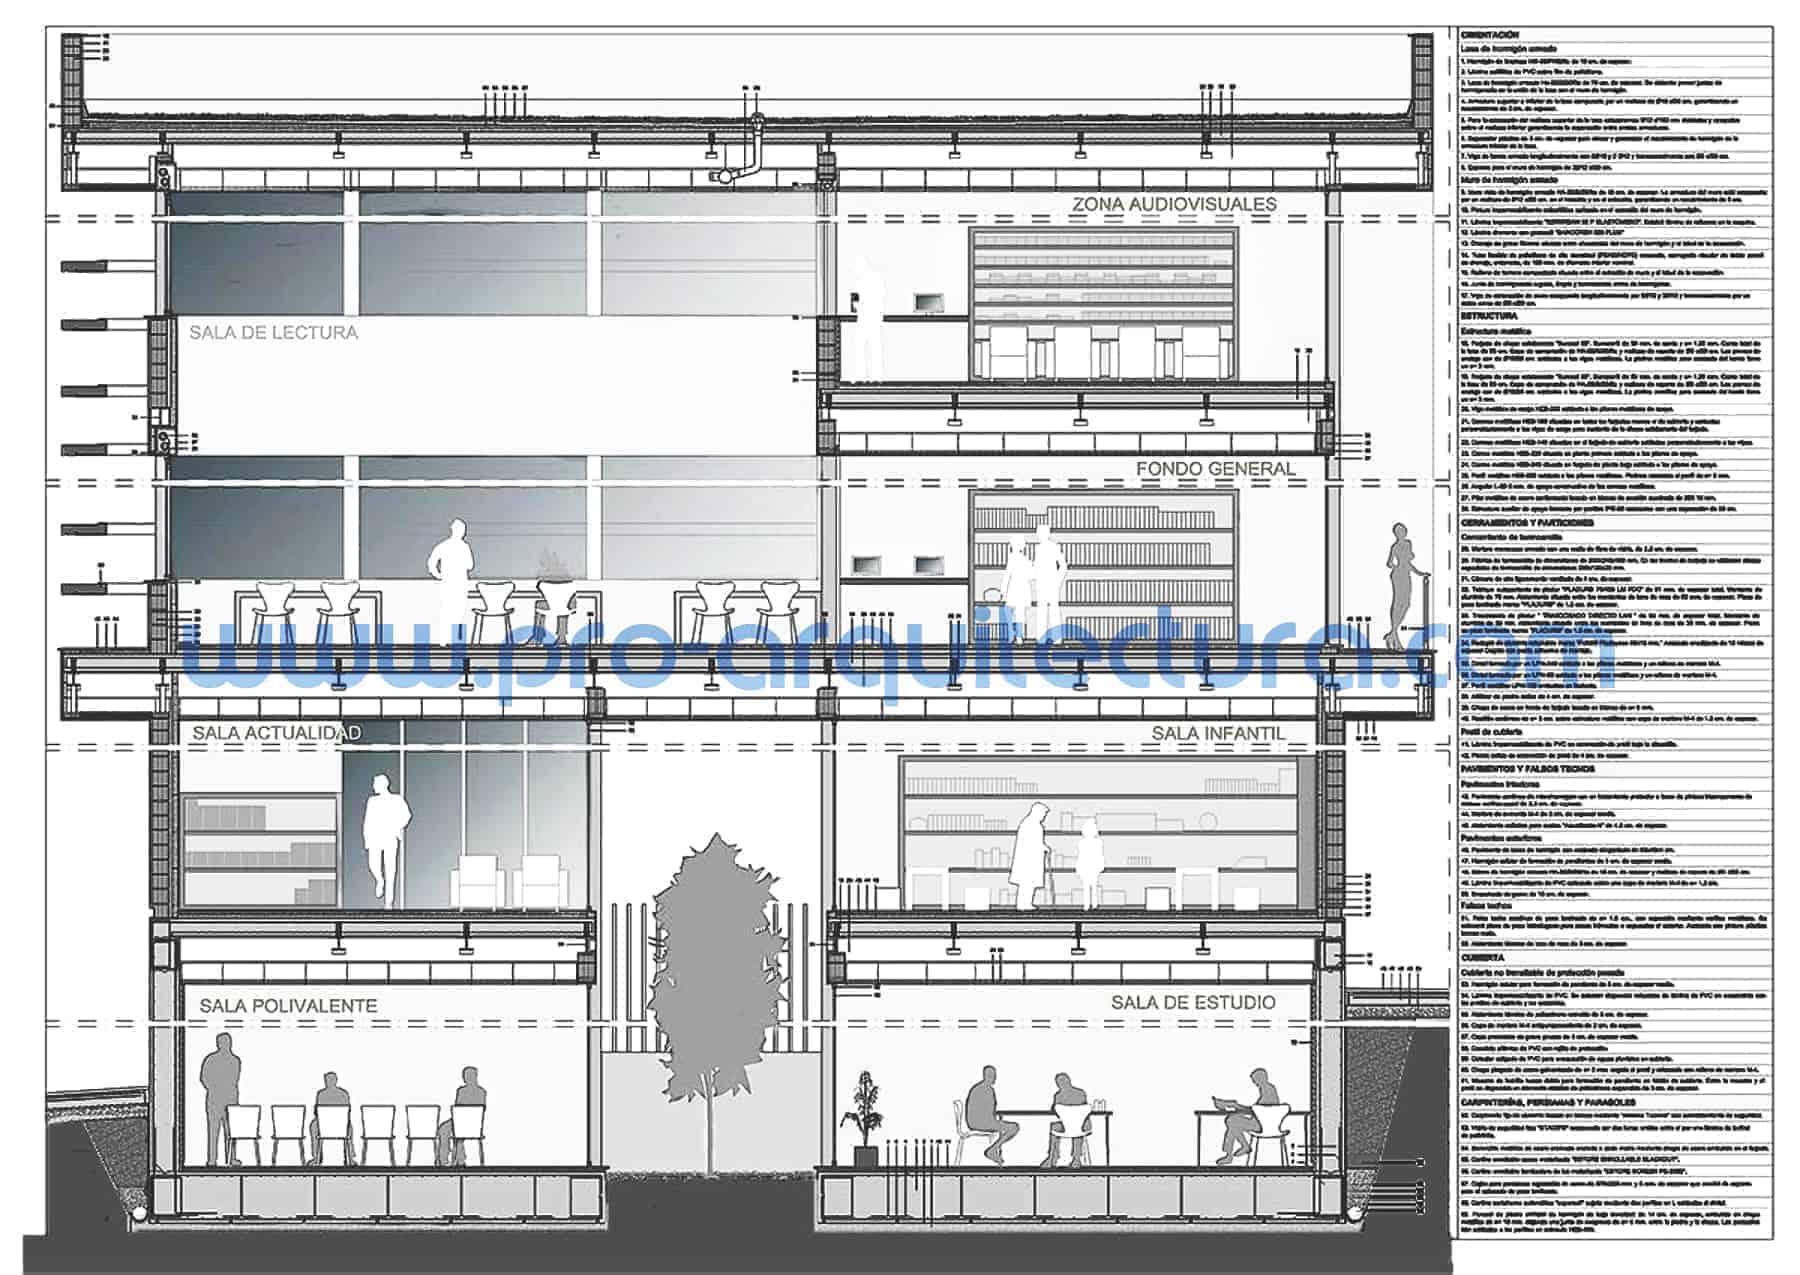 0020-01 Biblioteca municipal - Sección y detalles constructivos - Ayuda con la entrega del pfc pfg tfg tfm de arquitectura.